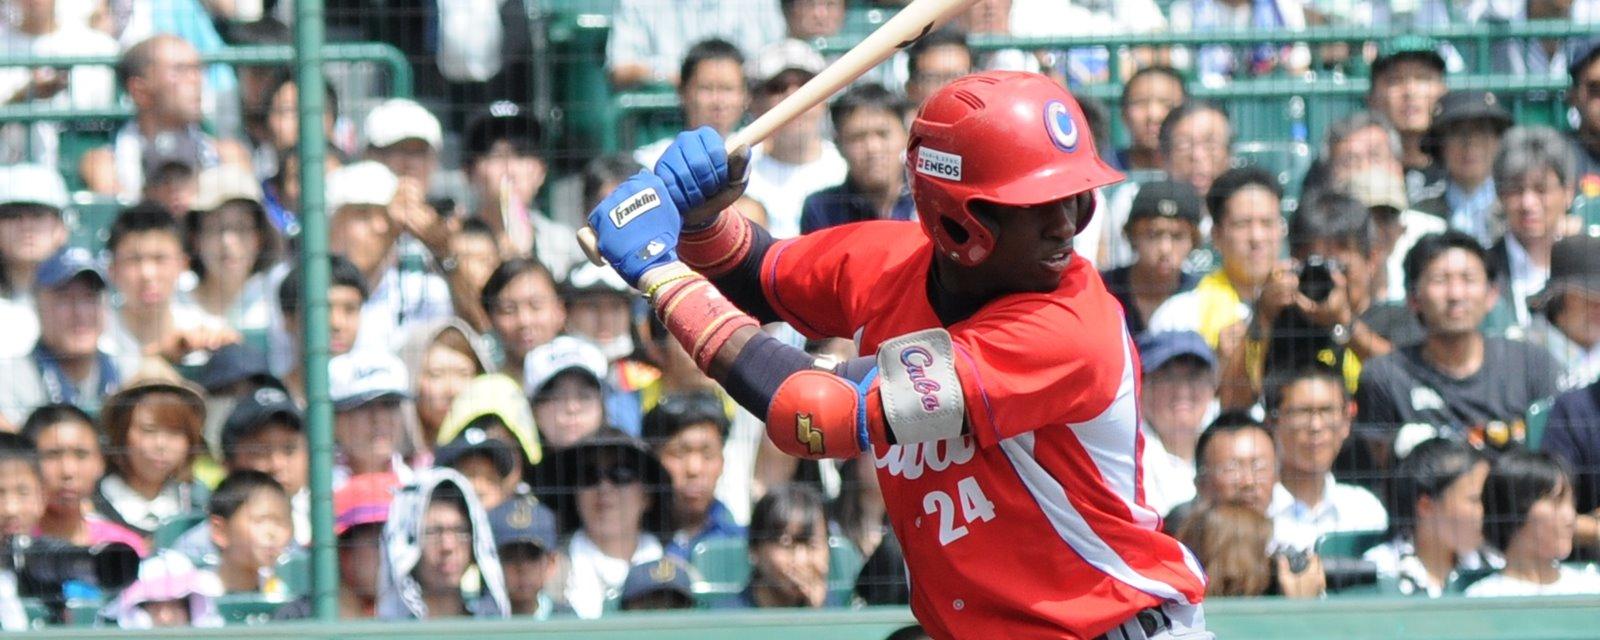 wbsc baseball world cup host